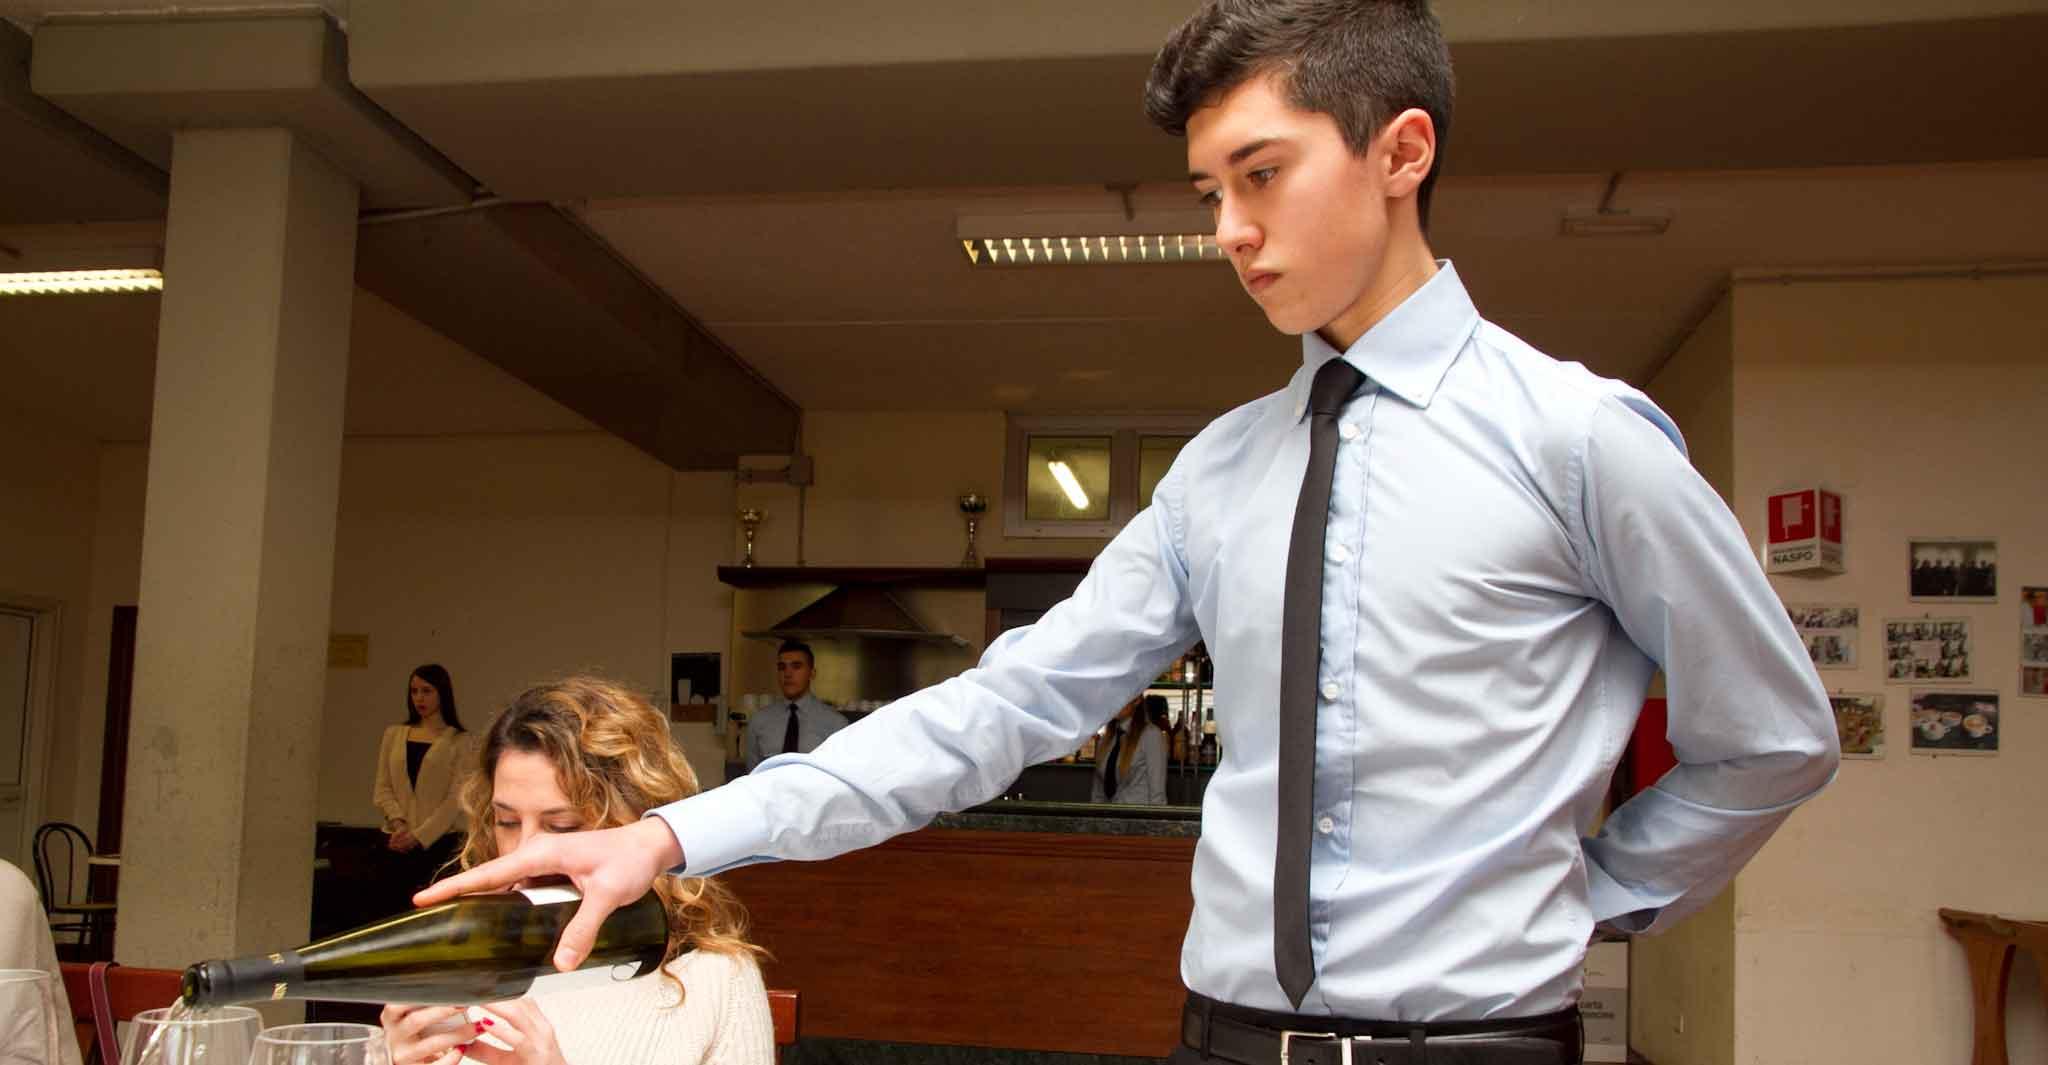 In Sala E In Cucina Sfruttano I Giovani Lavorano 80 Ore